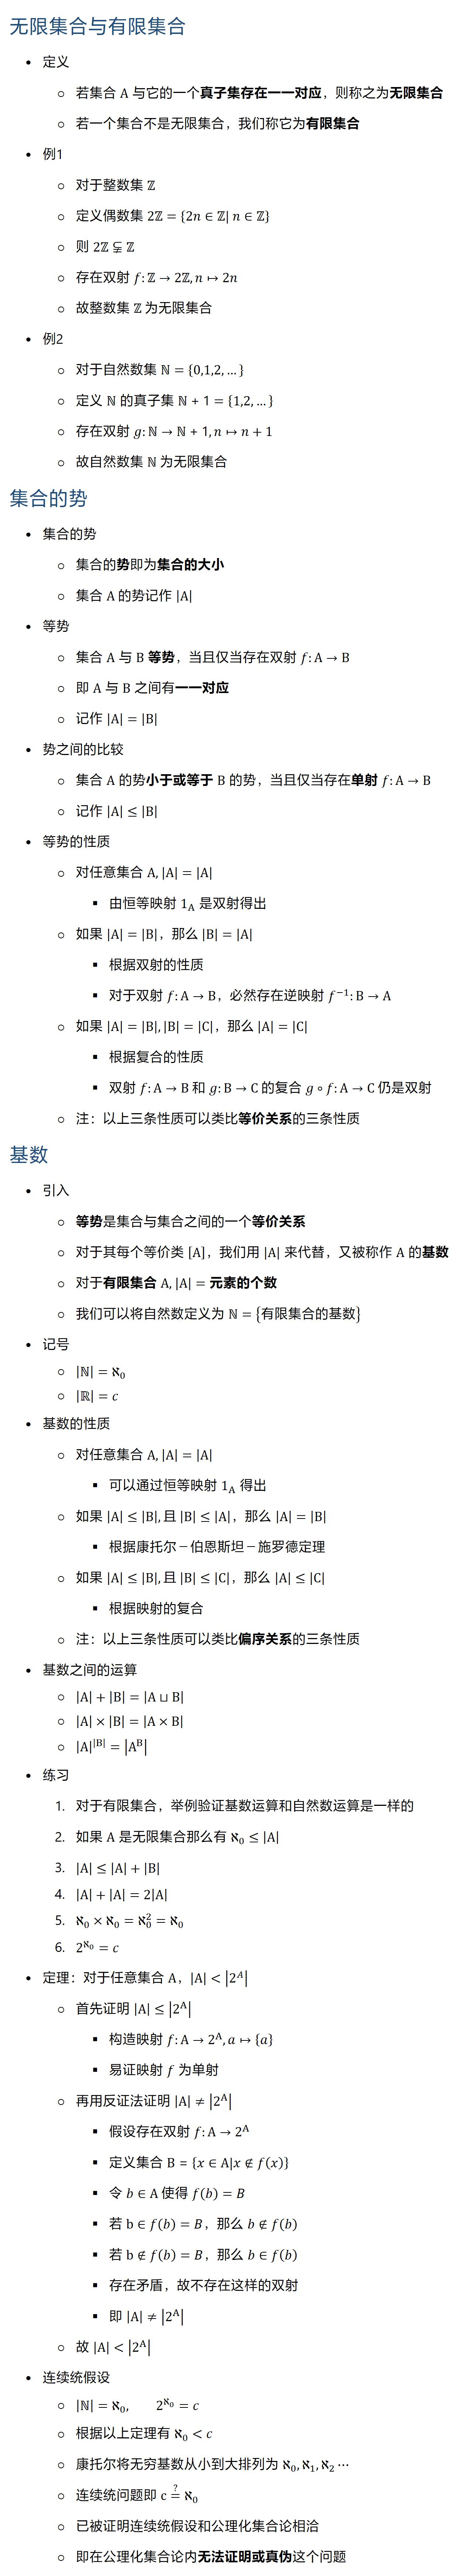 无限集合与有限集合 • 定义 ○ 若集合 A 与它的一个真子集存在一一对应,则称之为无限集合 ○ 若一个集合不是无限集合,我们称它为有限集合 • 例1 ○ 对于整数集 Z ○ 定义偶数集 2Z={2n∈Z n∈Z ○ 则 2Z⫋Z ○ 存在双射 f:Z→2Z, n↦2n ○ 故整数集 Z 为无限集合 • 例2 ○ 对于自然数集 N={0,1,2,…} ○ 定义 N 的真子集 N+1={1,2,…} ○ 存在双射 g:N→N+1, n↦n+1 ○ 故自然数集 N 为无限集合 集合的势 • 集合的势 ○ 集合的势即为集合的大小 ○ 集合 A 的势记作 |A| • 等势 ○ 集合 A 与 B 等势,当且仅当存在双射 f:A→B ○ 即 A 与 B 之间有一一对应 ○ 记作 |A|=|B| • 势之间的比较 ○ 集合 A 的势小于或等于 B 的势,当且仅当存在单射 f:A→B ○ 记作 |A|≤|B| • 等势的性质 ○ 对任意集合 A, |A|=|A| § 由恒等映射 1_A 是双射得出 ○ 如果 |A|=|B| § 根据双射的性质 § 对于双射 f:A→B,必然存在逆映射 f^(−1):B→A ○ 如果 |A|=|B| § 根据复合的性质 § 双射 f:A→B 和 g:B→C 的复合 g∘f:A→C 仍是双射 ○ 注:以上三条性质可以类比等价关系的三条性质 基数 • 引入 ○ 等势是集合与集合之间的一个等价关系 ○ 对于其每个等价类 [A],我们用 |A| 来代替,又被称作 A 的基数 ○ 对于有限集合 A, |A|=元素的个数 ○ 我们可以将自然数定义为 N={有限集合的基数} • 记号 ○ |N=ℵ_0 ○ |R=c • 基数的性质 ○ 对任意集合 A, |A|=|A| § 可以通过恒等映射 1_A 得出 ○ 如果 |A|≤|B|, 且 |B|≤|A|,那么 |A|=|B| § 根据康托尔-伯恩斯坦-施罗德定理 ○ 如果 |A|≤|B|, 且 |B|≤|C|,那么 |A|≤|C| § 根据映射的复合 ○ 注:以上三条性质可以类比偏序关系的三条性质 • 基数之间的运算 ○ |A|+|B|=|A⊔B| ○ |A|×|B|=|A×B| ○ |A|^|B| =|A^B | • 练习 1. 对于有限集合,举例验证基数运算和自然数运算是一样的 2. 如果 A 是无限集合那么有 ℵ_0≤|A| 3. |A|≤|A|+|B| 4. |A|+|A|=2|A| 5. ℵ_0×ℵ_0=ℵ_0^2=ℵ_0 6. 2^(ℵ_0 )=c • 定理:对于任意集合 A,|A|<|2^A | ○ 首先证明 |A|≤|2^A | § 构造映射 f:A→2^A, a↦{a} § 易证映射 f 为单射 ○ 再用反证法证明 |A|≠|2^A | § 假设存在双射 f:A→2^A § 定义集合 B={x∈A|x∉f(x)} § 令 b∈A 使得 f(b)=B § 若 b∈f(b)=B,那么 b∉f(b) § 若 b∉f(b)=B,那么 b∈f(b) § 存在矛盾,故不存在这样的双射 § 即 |A|≠|2^A | ○ 故 |A|<|2^A | • 连续统假设 ○ |N=ℵ_0, 2^(ℵ_0 )=c ○ 根据以上定理有 ℵ_0<c ○ 康托尔将无穷基数从小到大排列为 ℵ_0, ℵ_1, ℵ_2⋯ ○ 连续统问题即 c =┴? ℵ_0 ○ 已被证明连续统假设和公理化集合论相洽 ○ 即在公理化集合论内无法证明或真伪这个问题